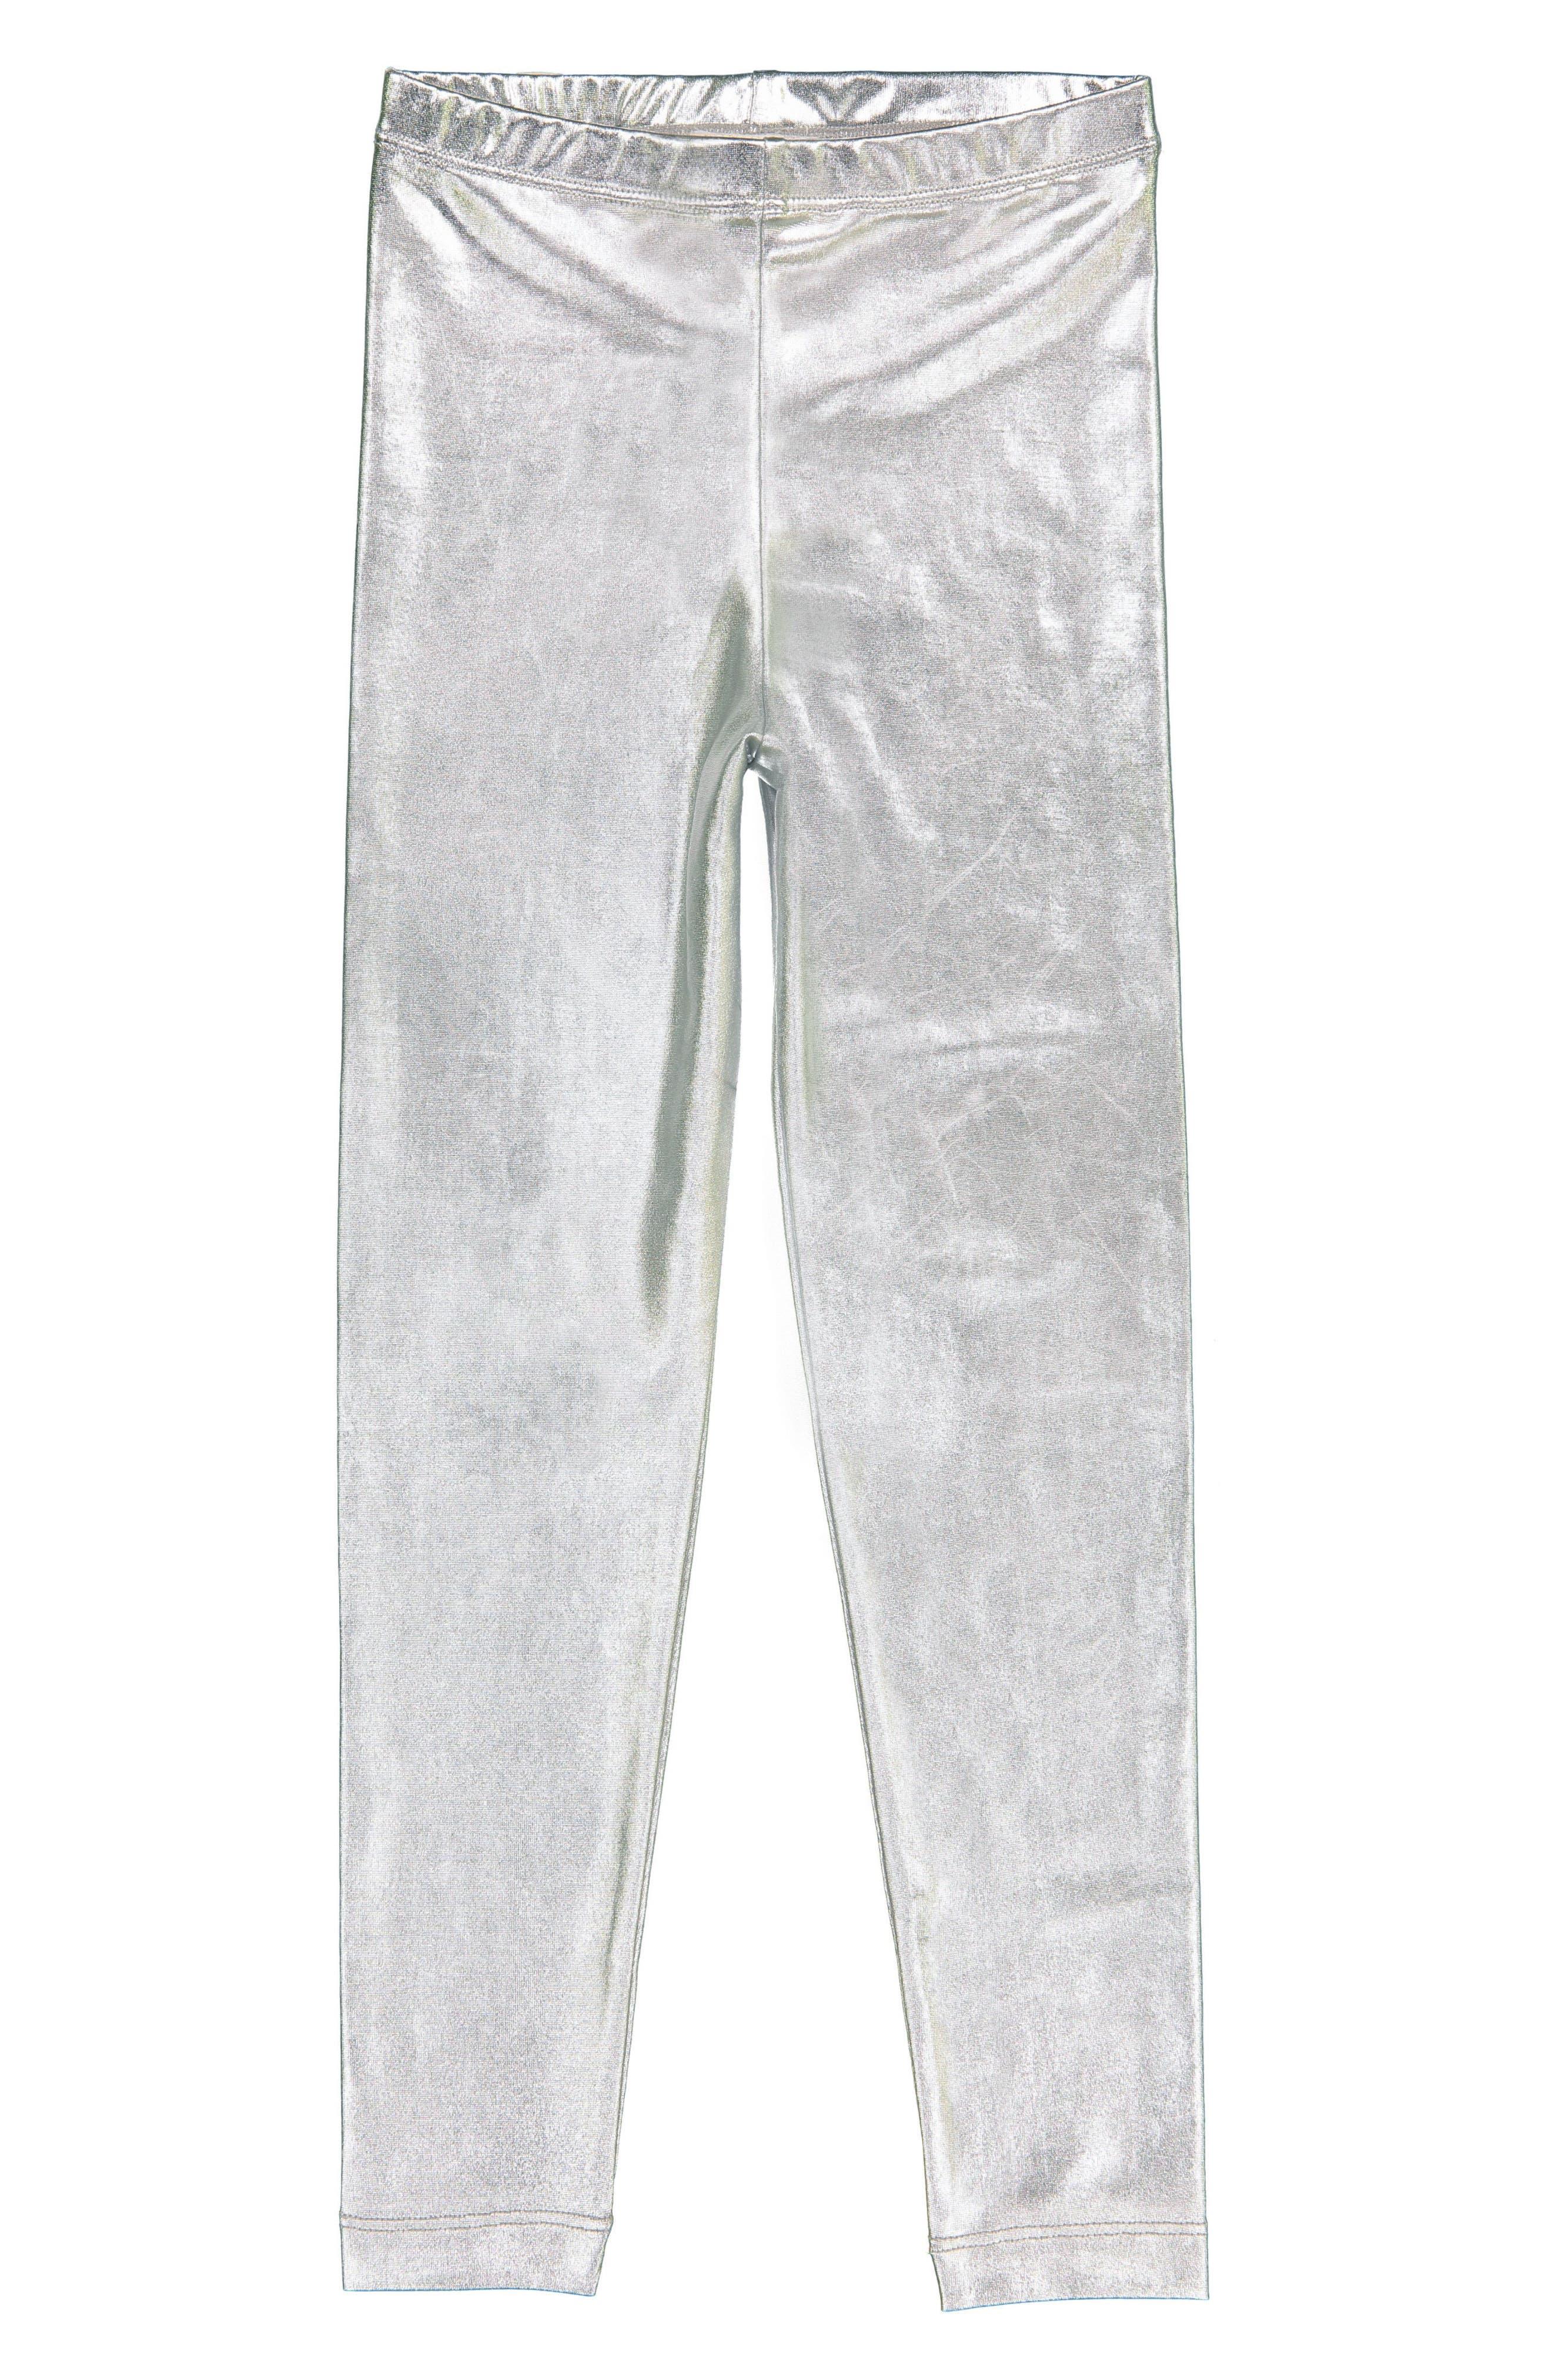 Silver Metallic Leggings,                         Main,                         color, 040